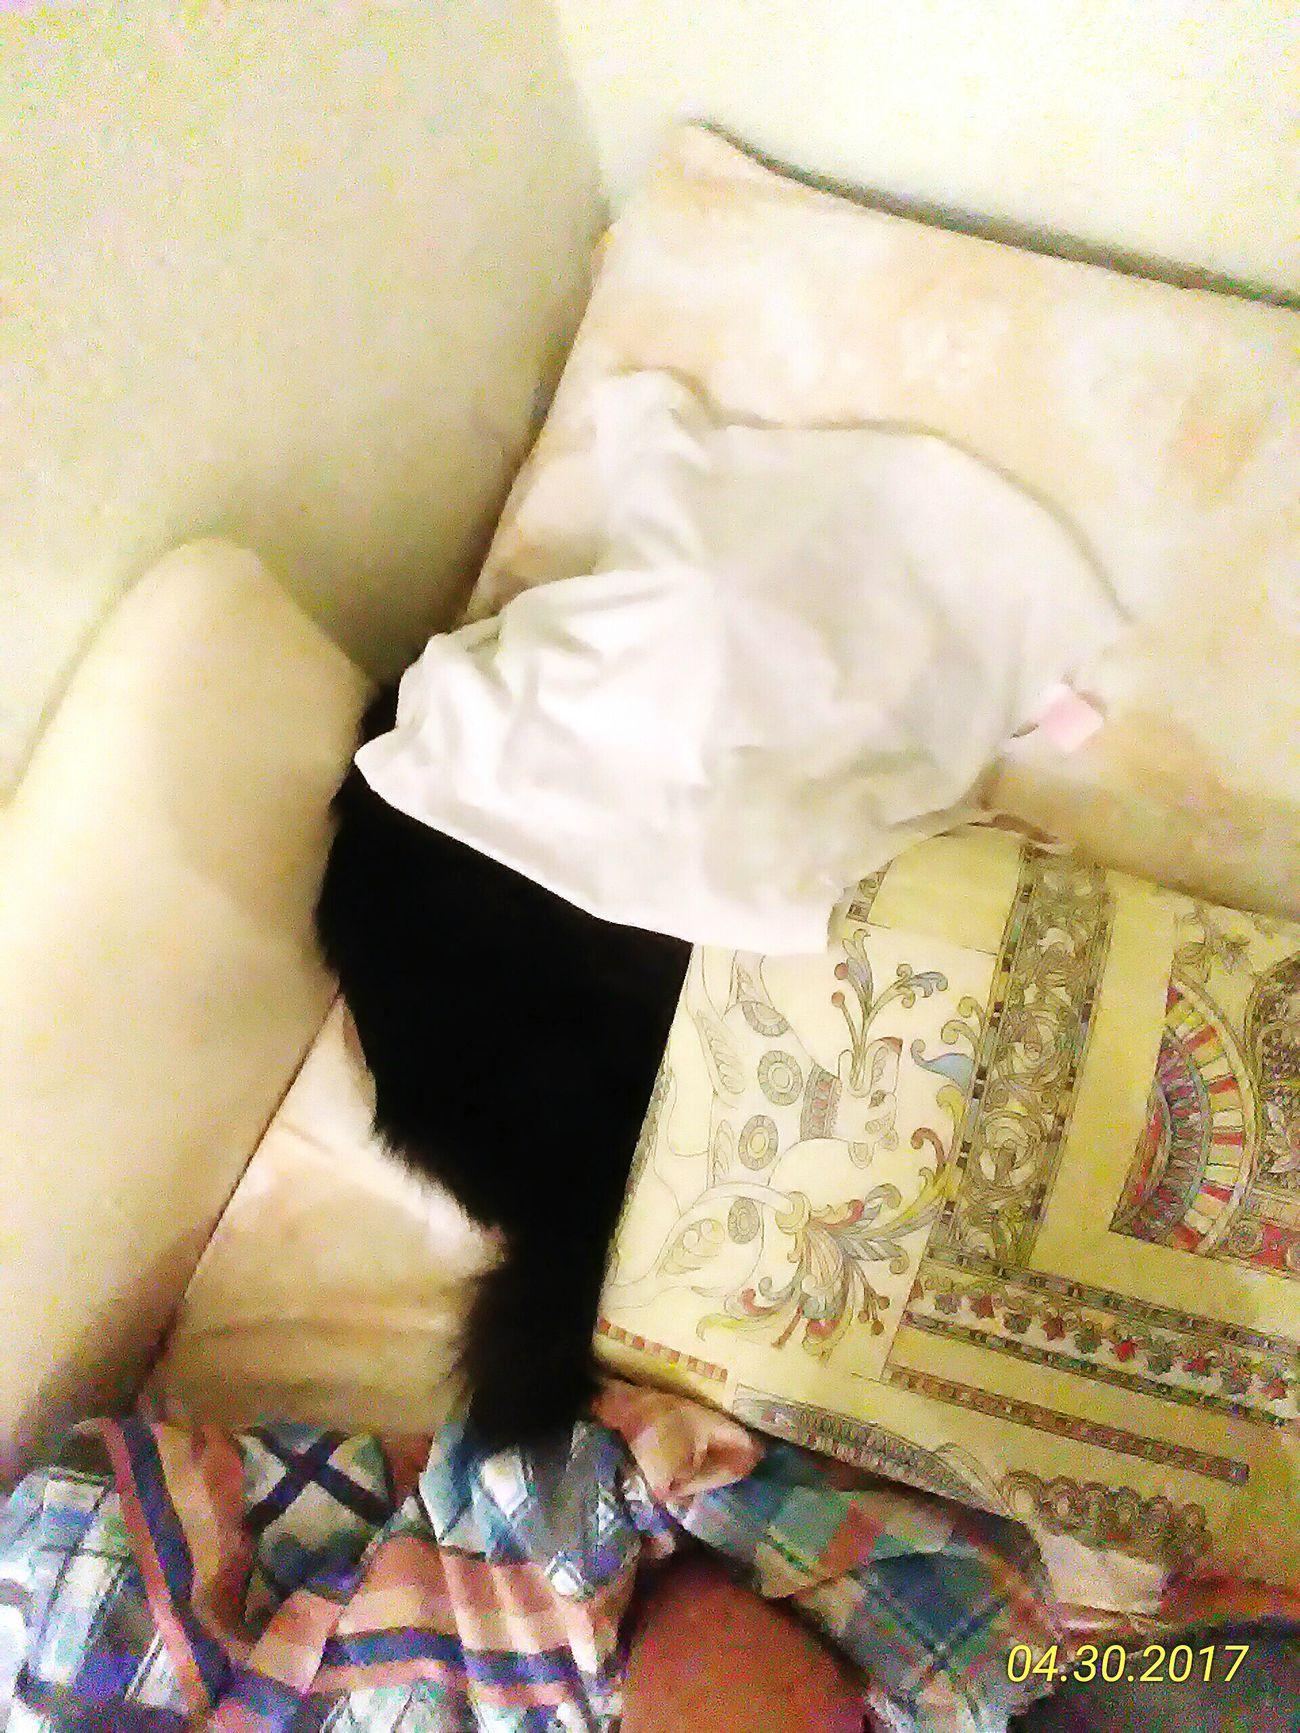 котик❤️ спит под майкой